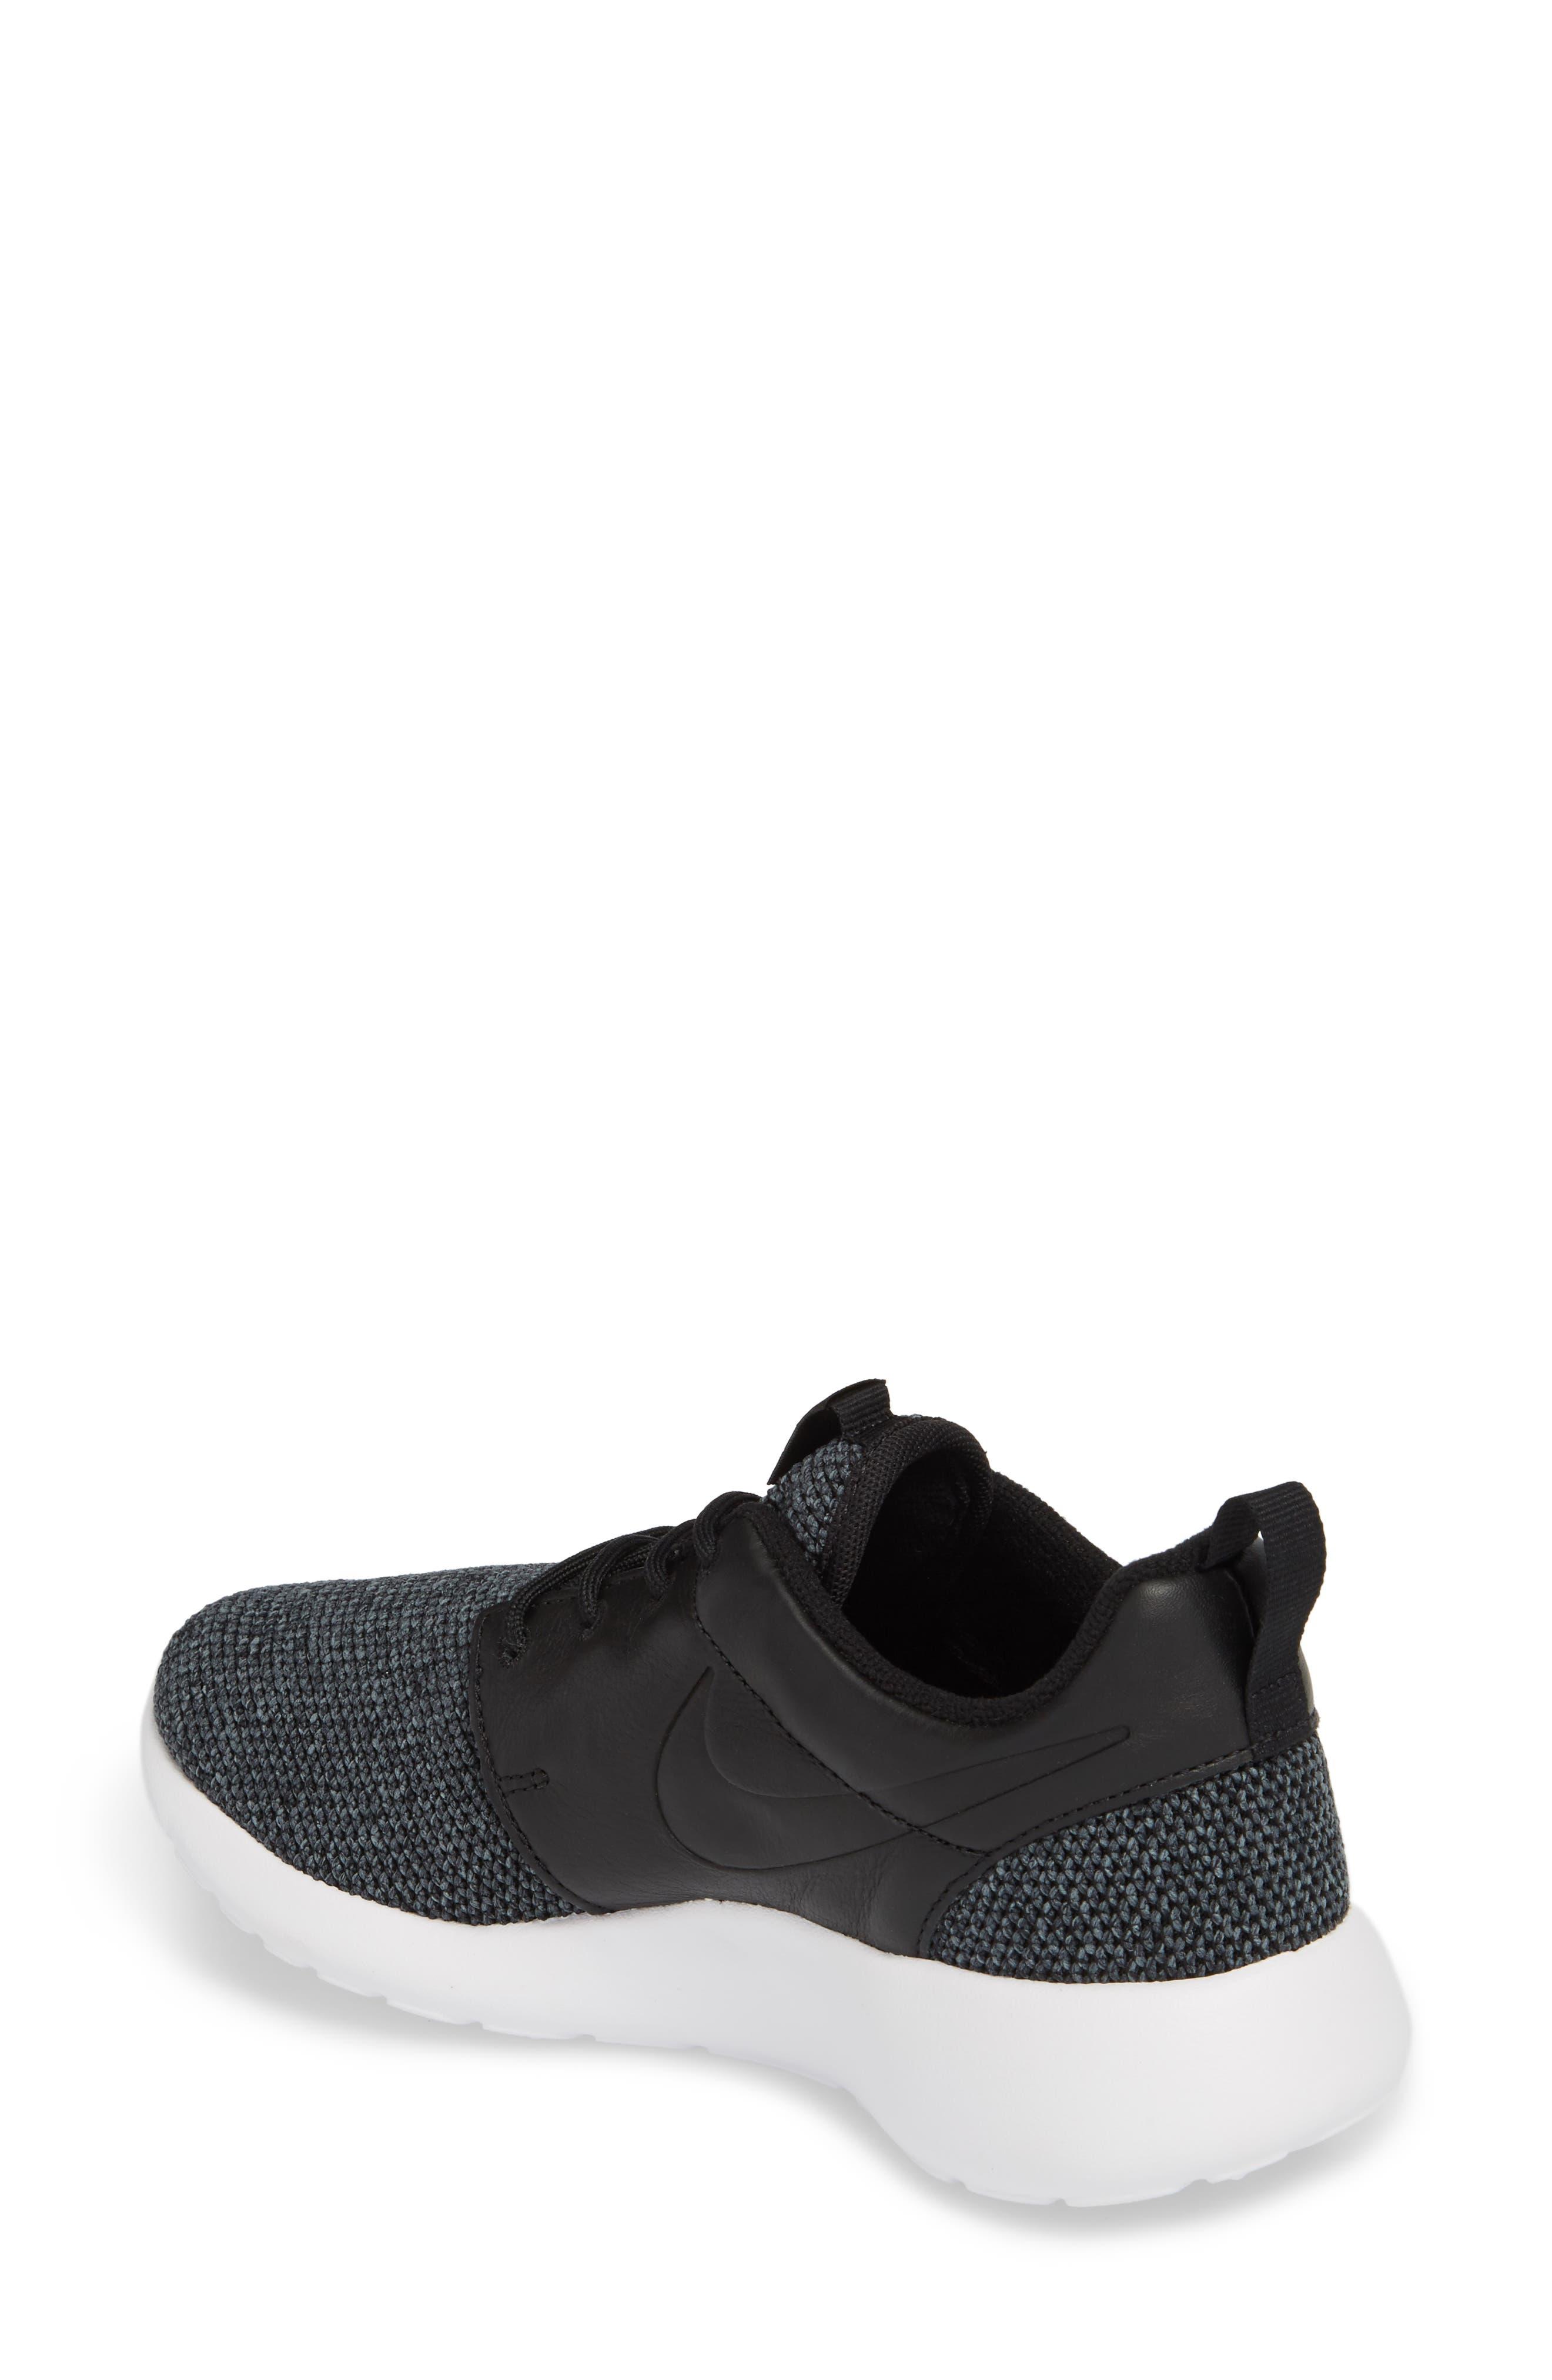 Roshe One Knit Sneaker,                             Alternate thumbnail 3, color,